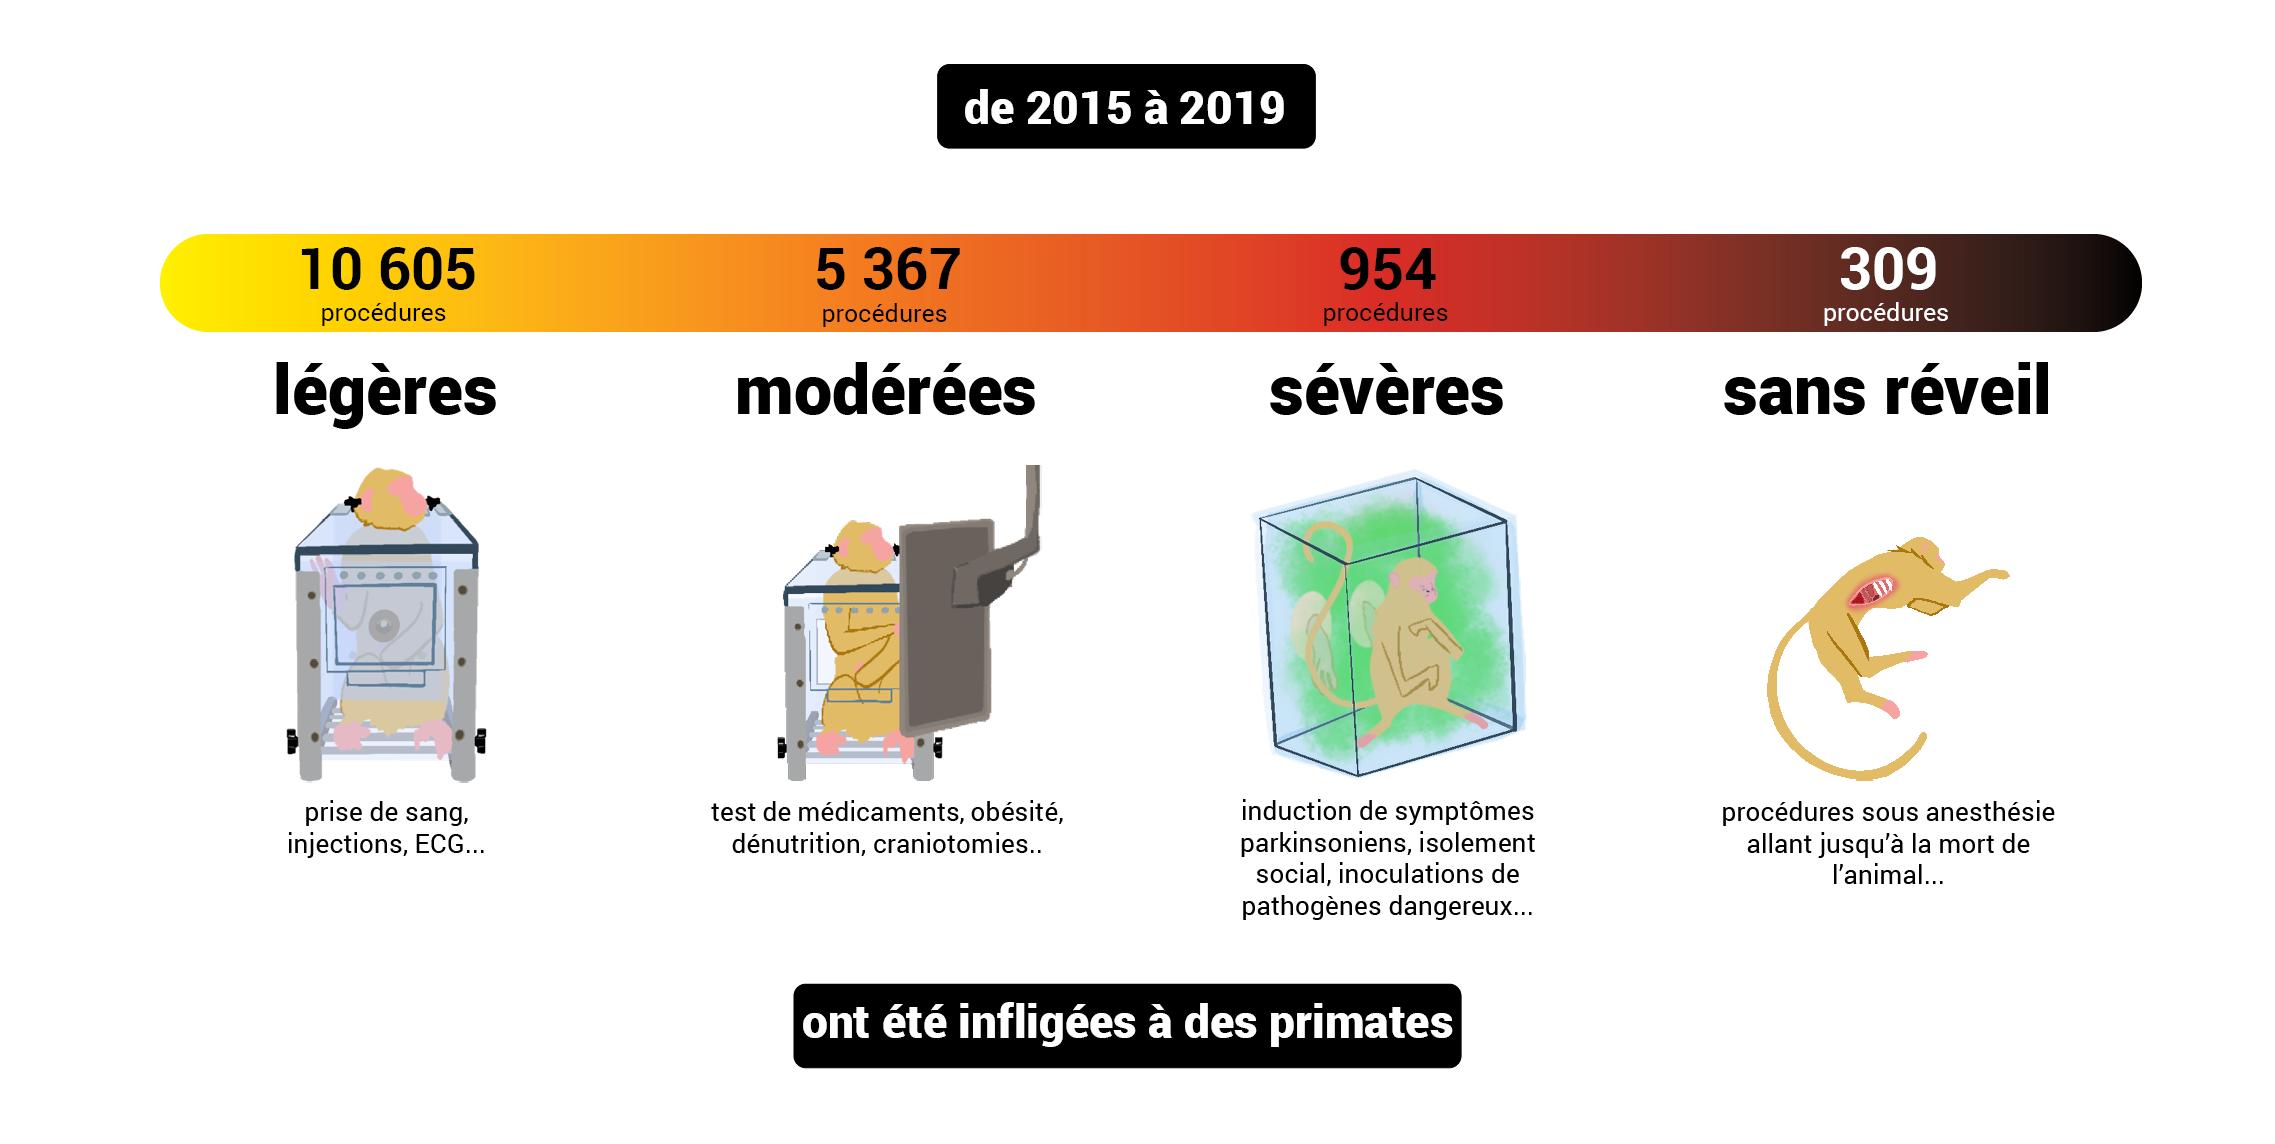 gravités_2015-2019_primates